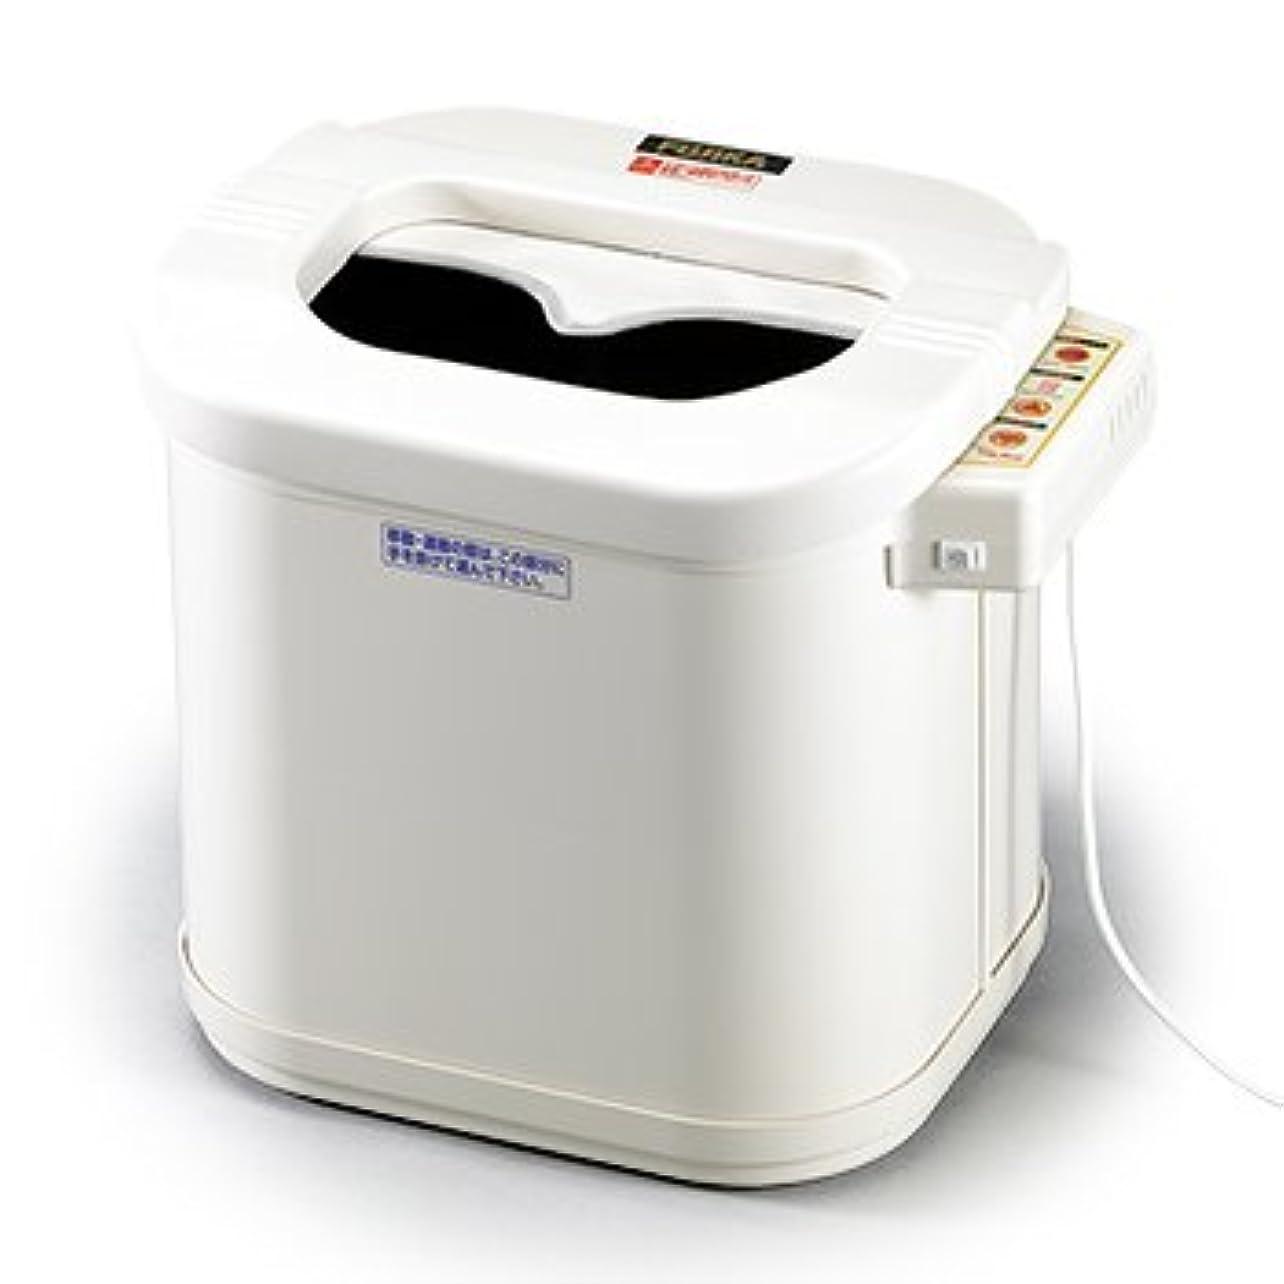 大脳慈悲危険にさらされているフジカ スマーティ レッグホット LH-2型 遠赤外線 足温器 足浴器